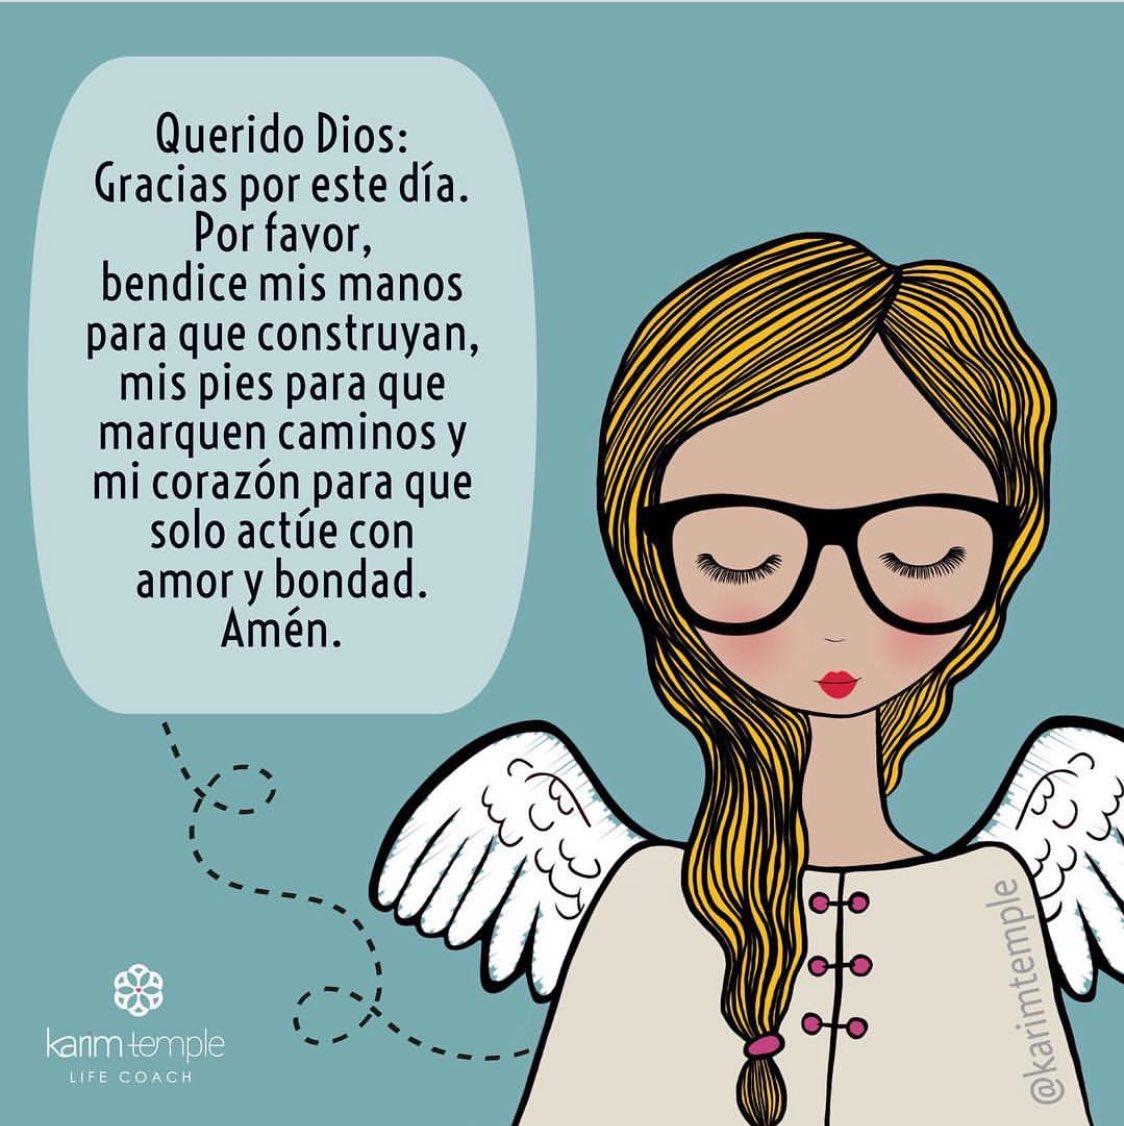 RT @PatyBosch: ¡Buenos días!  #FelizMartes #ActitudAnteTodo https://t.co/esGSOu3pBw